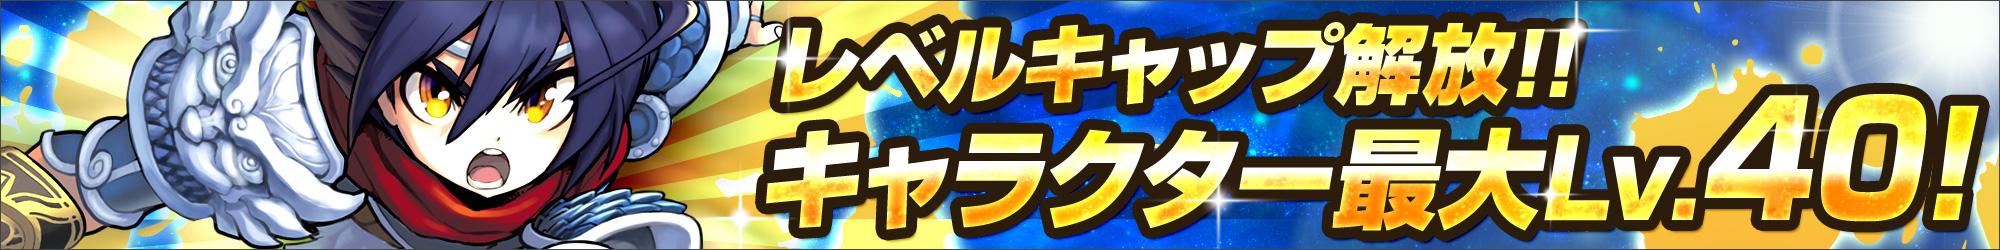 レベルキャップ開放!キャラクター最大レベル40!